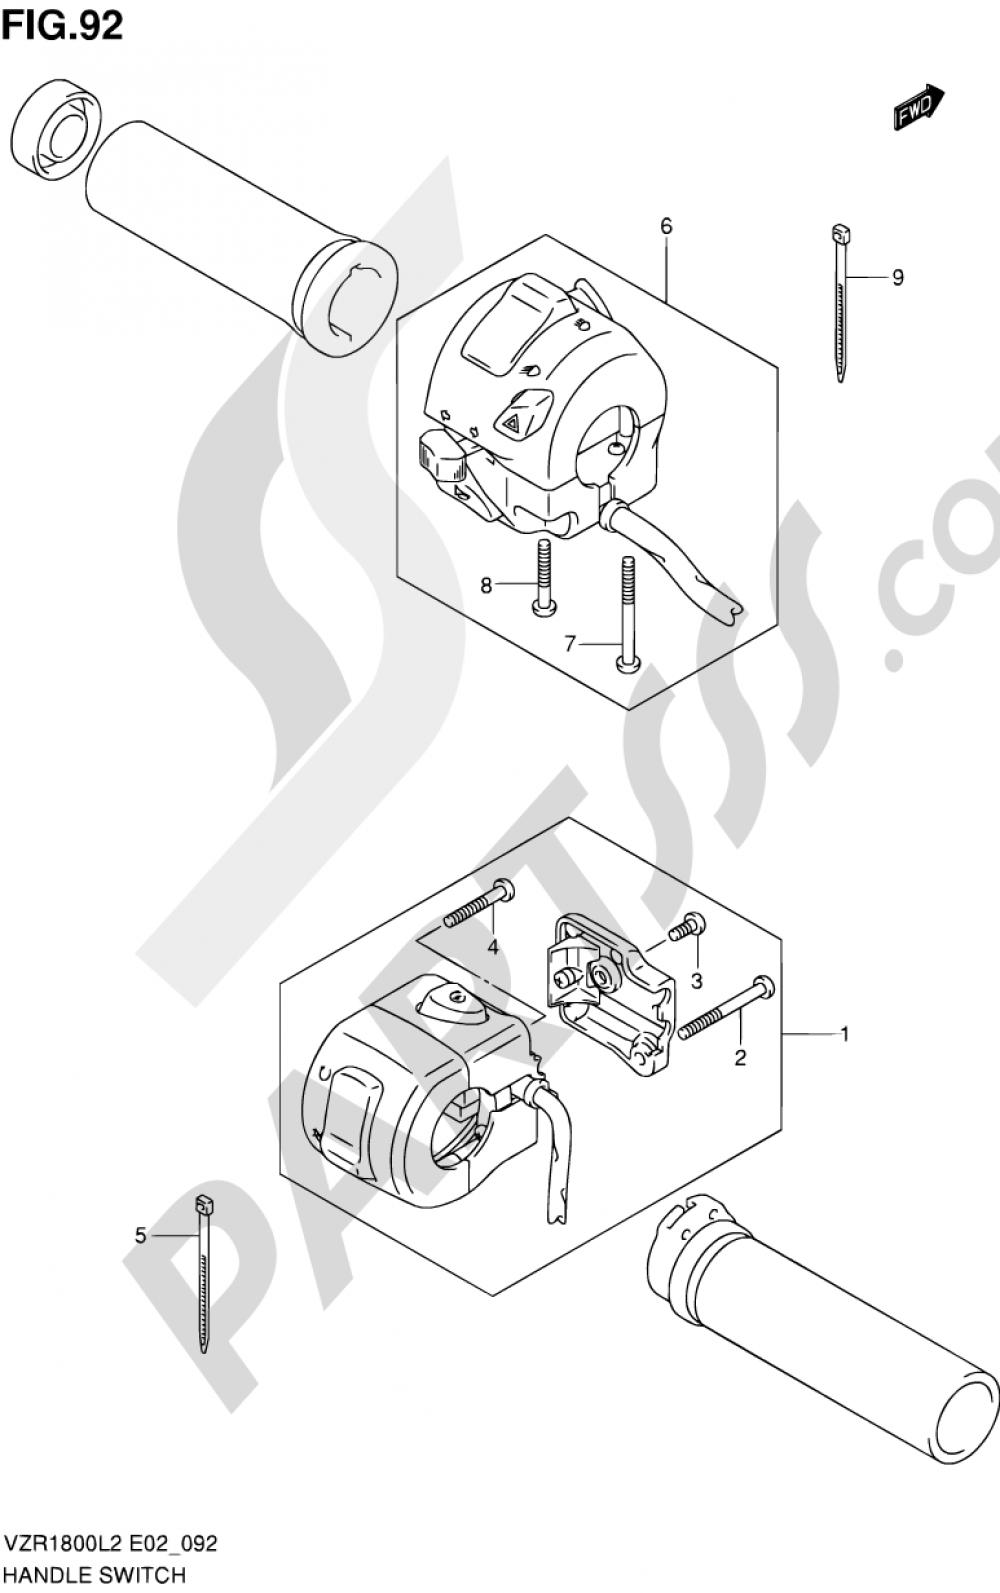 92 - HANDLE SWITCH (VZR1800L2 E24) Suzuki VZR1800 2012